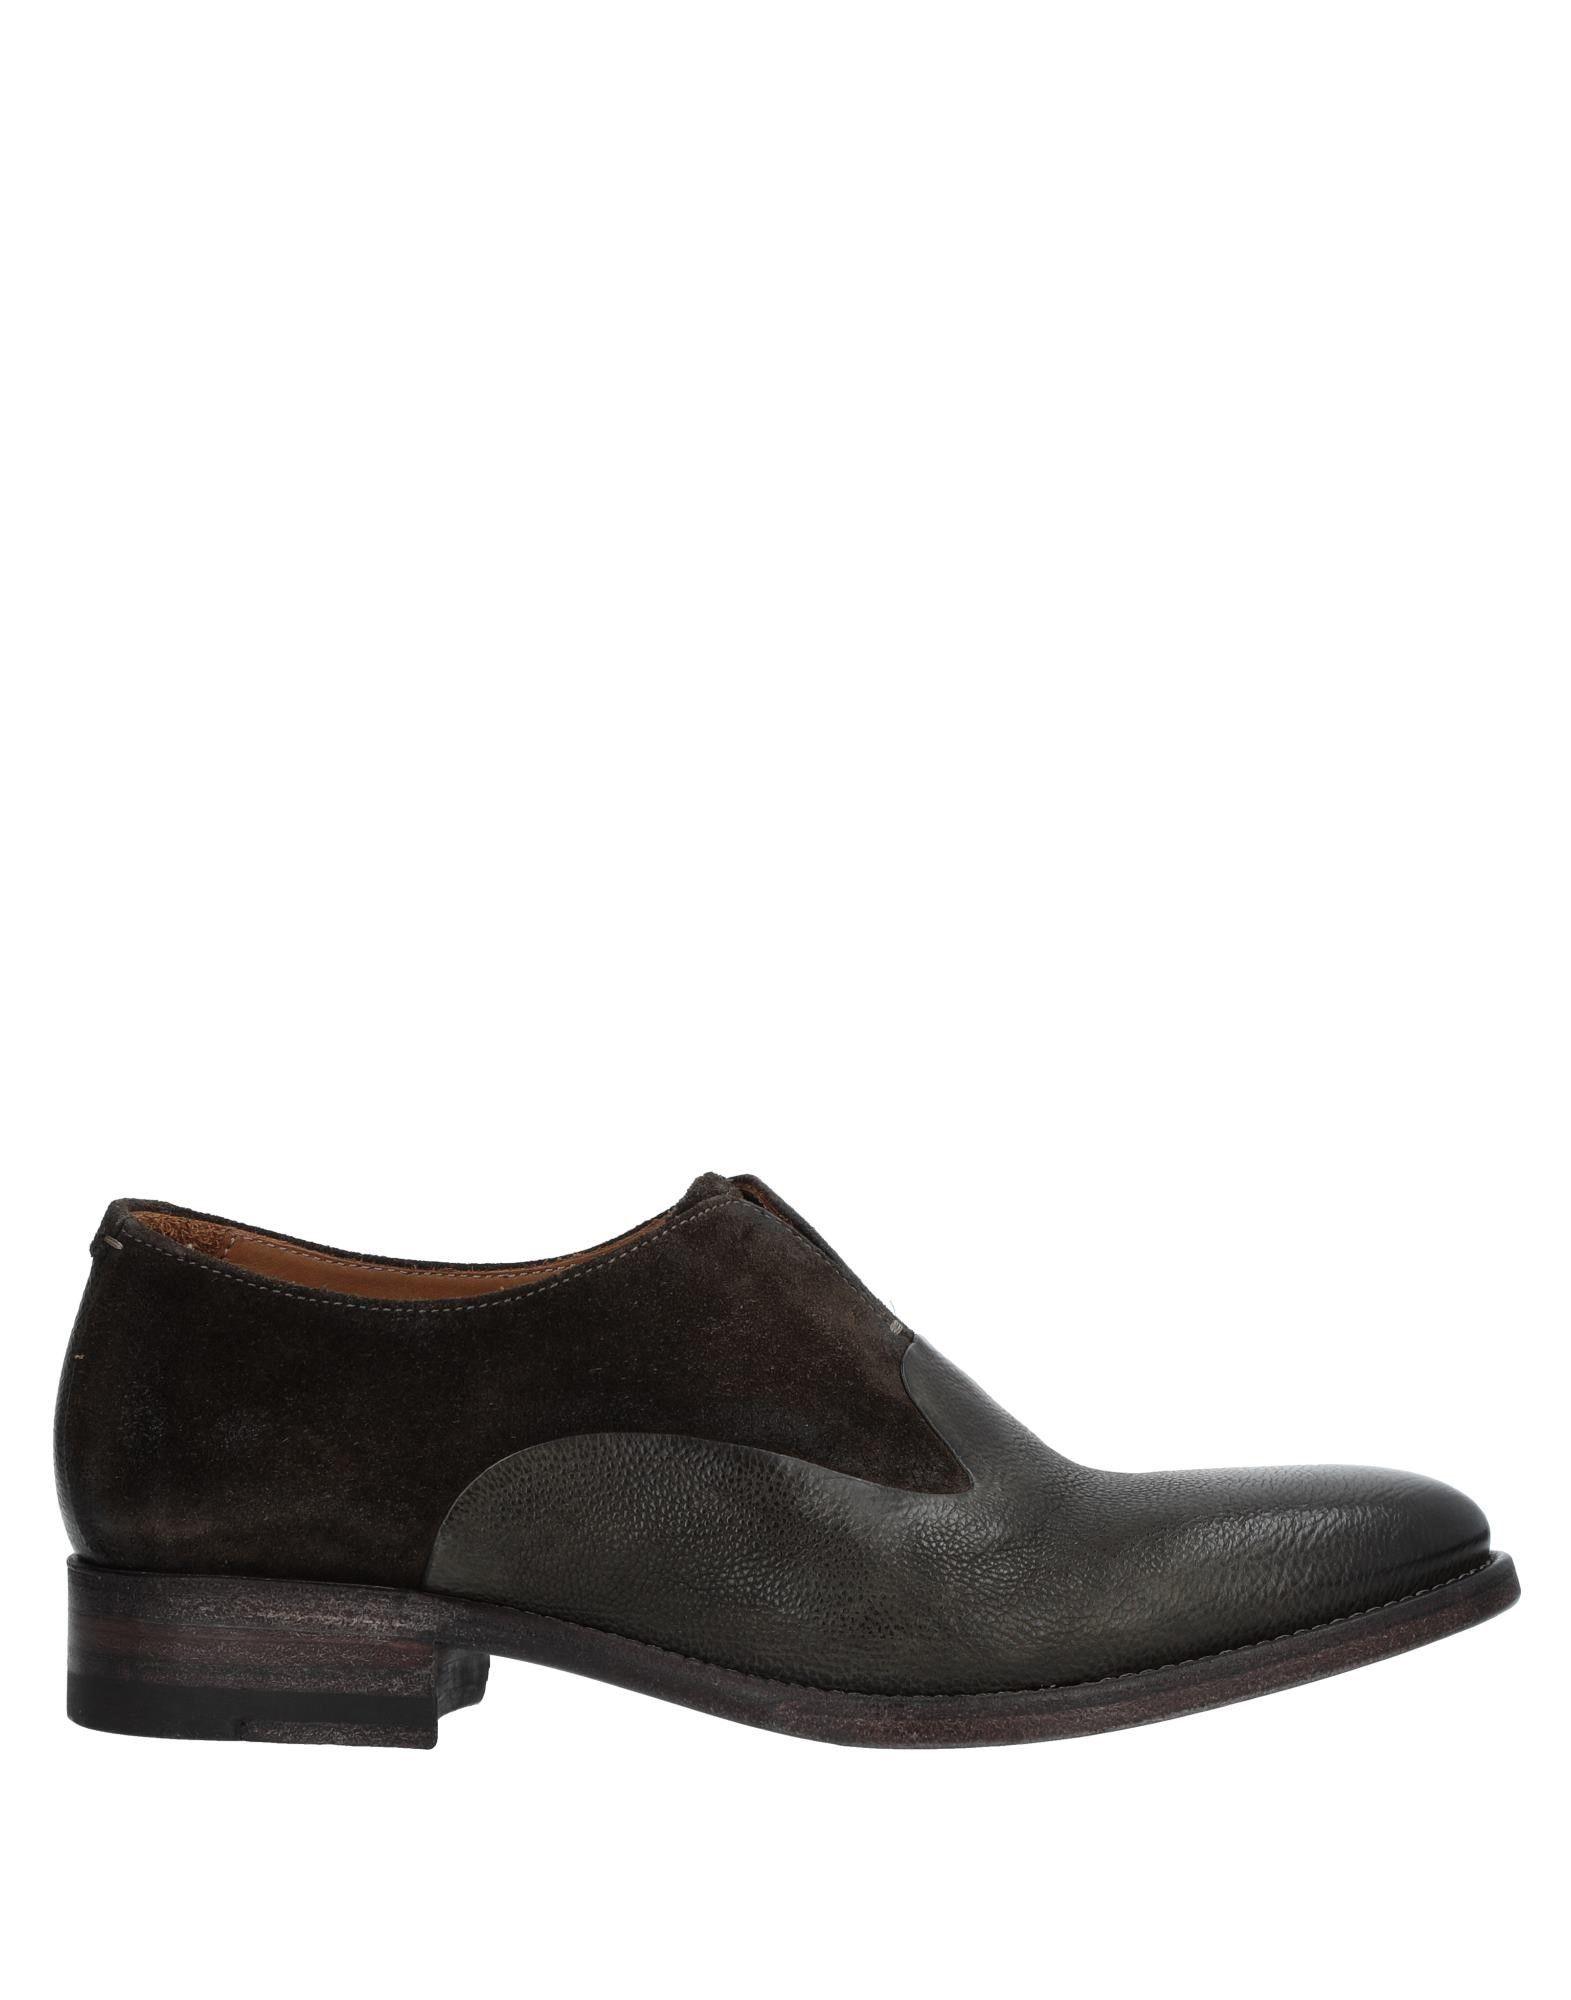 Stilvolle billige Schuhe Damen N.D.C. Made By Hand Mokassins Damen Schuhe  11526037UN be5f38